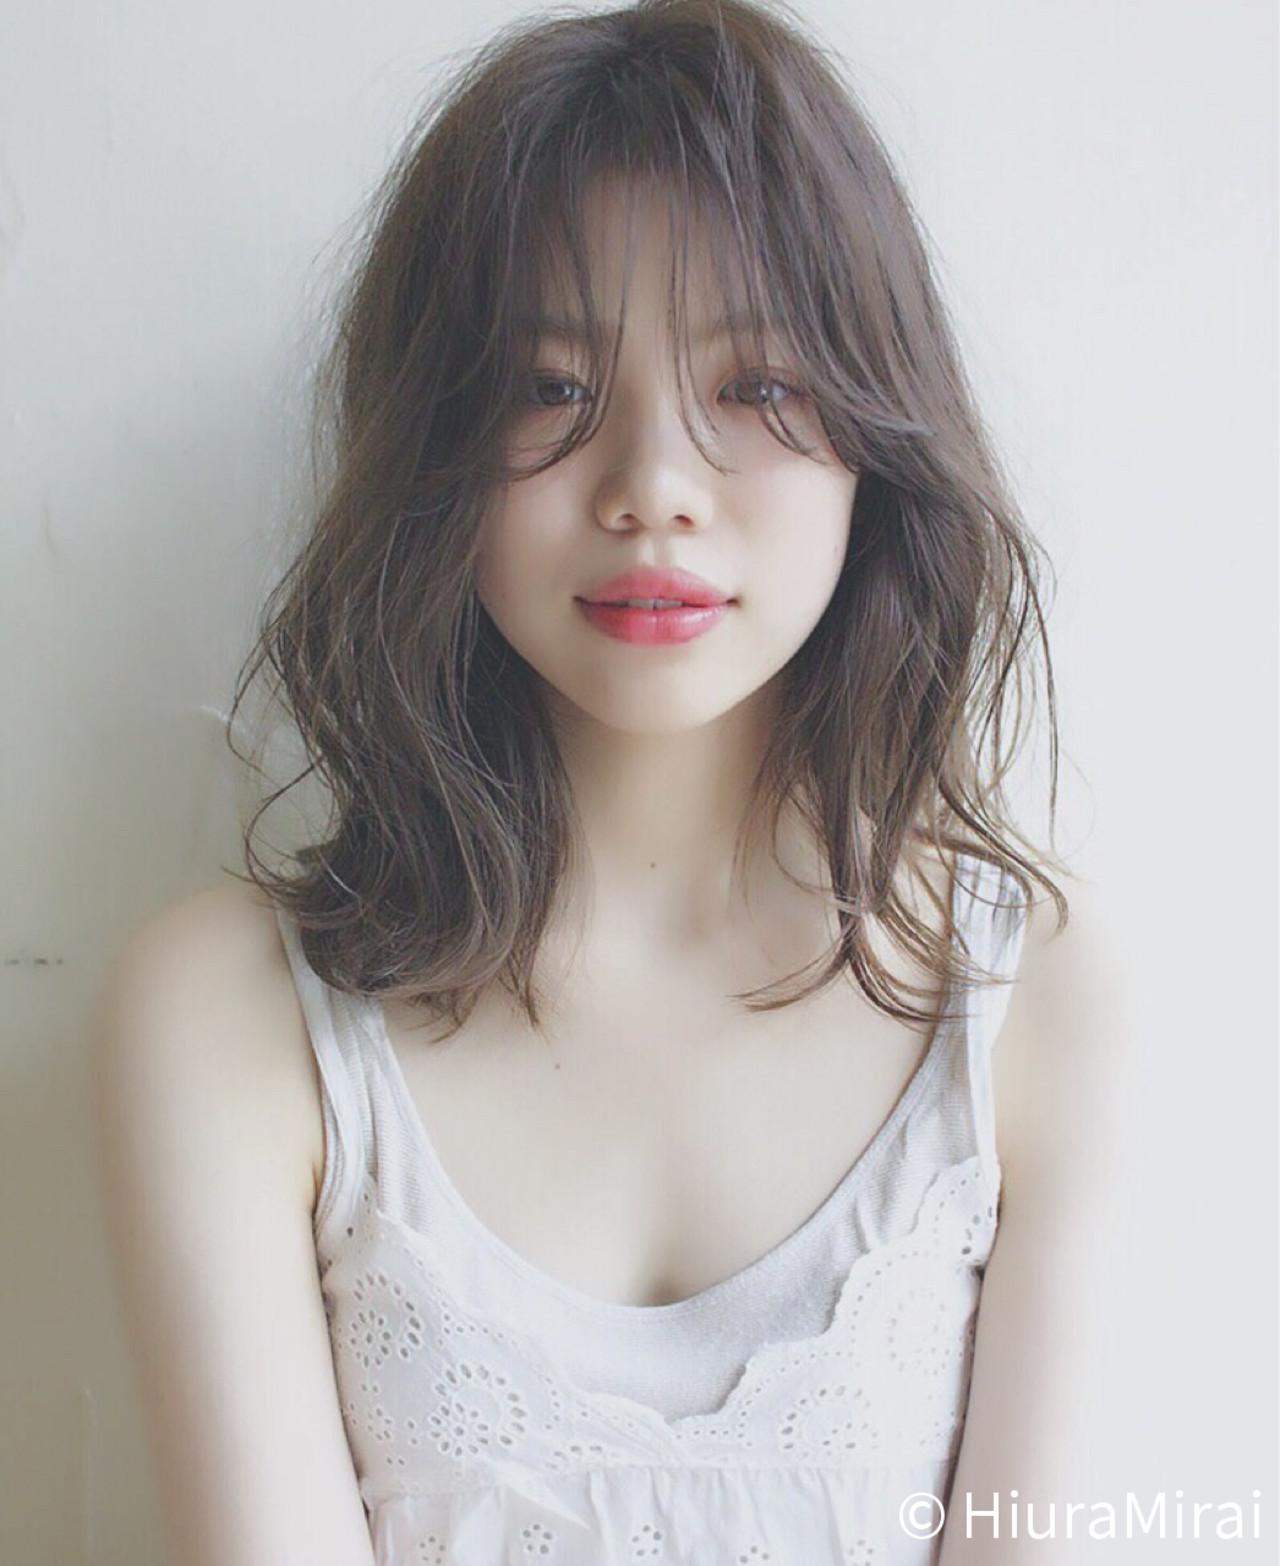 2017大人気カラー!アッシュグレージュで色っぽい女性に♡ HiuraMirai